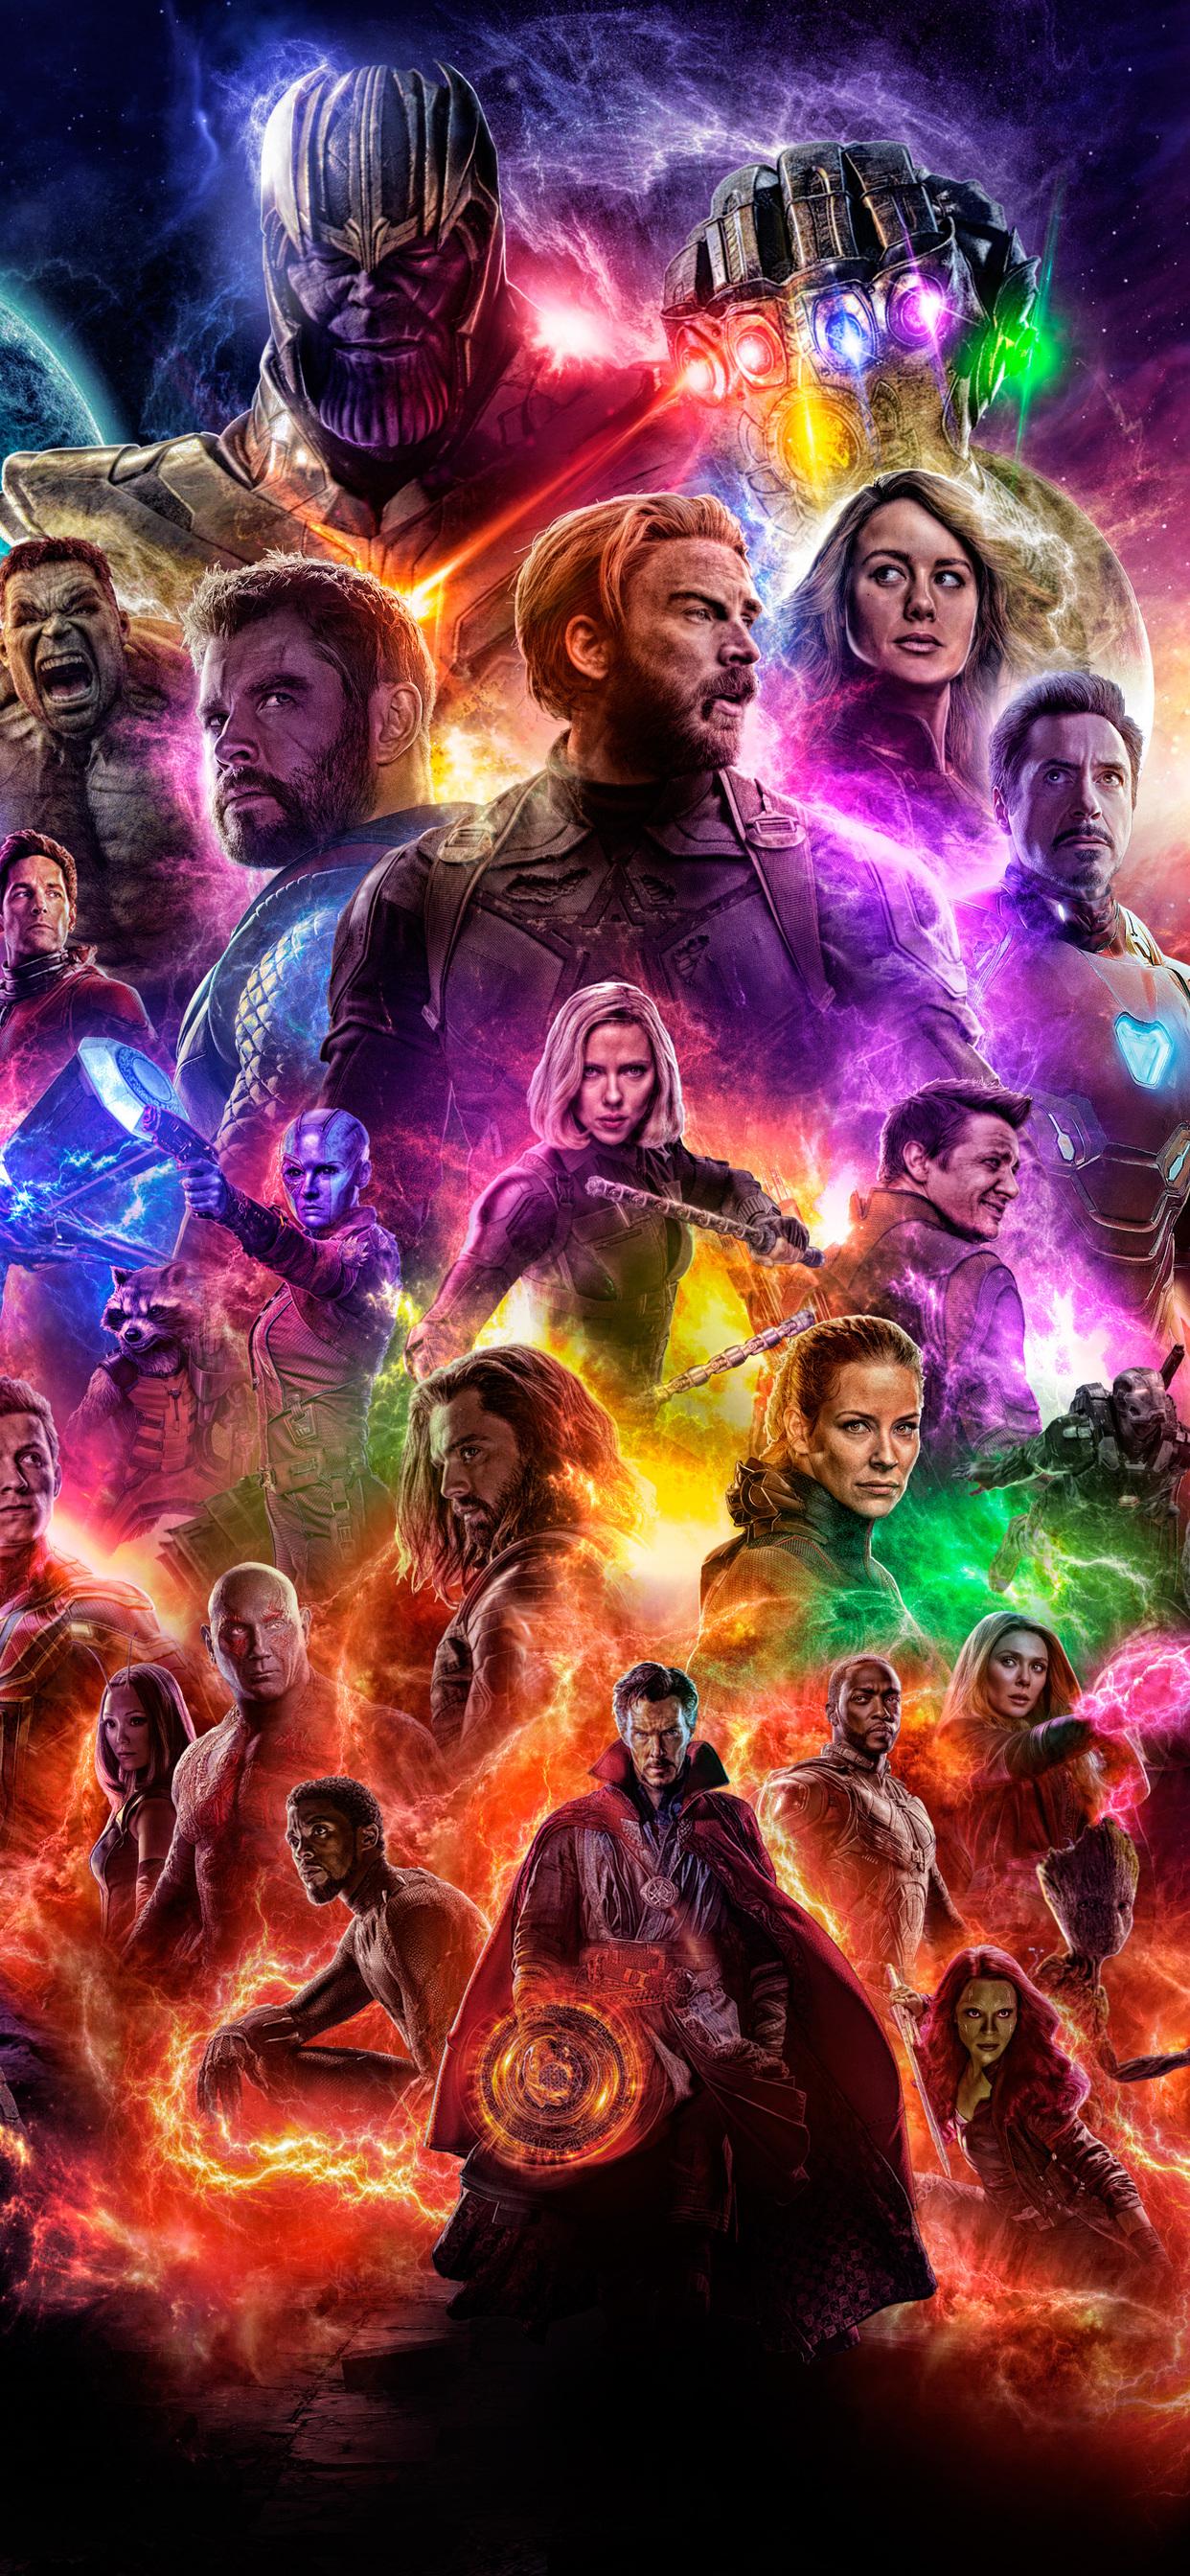 avengers-4-end-game-2019-06.jpg